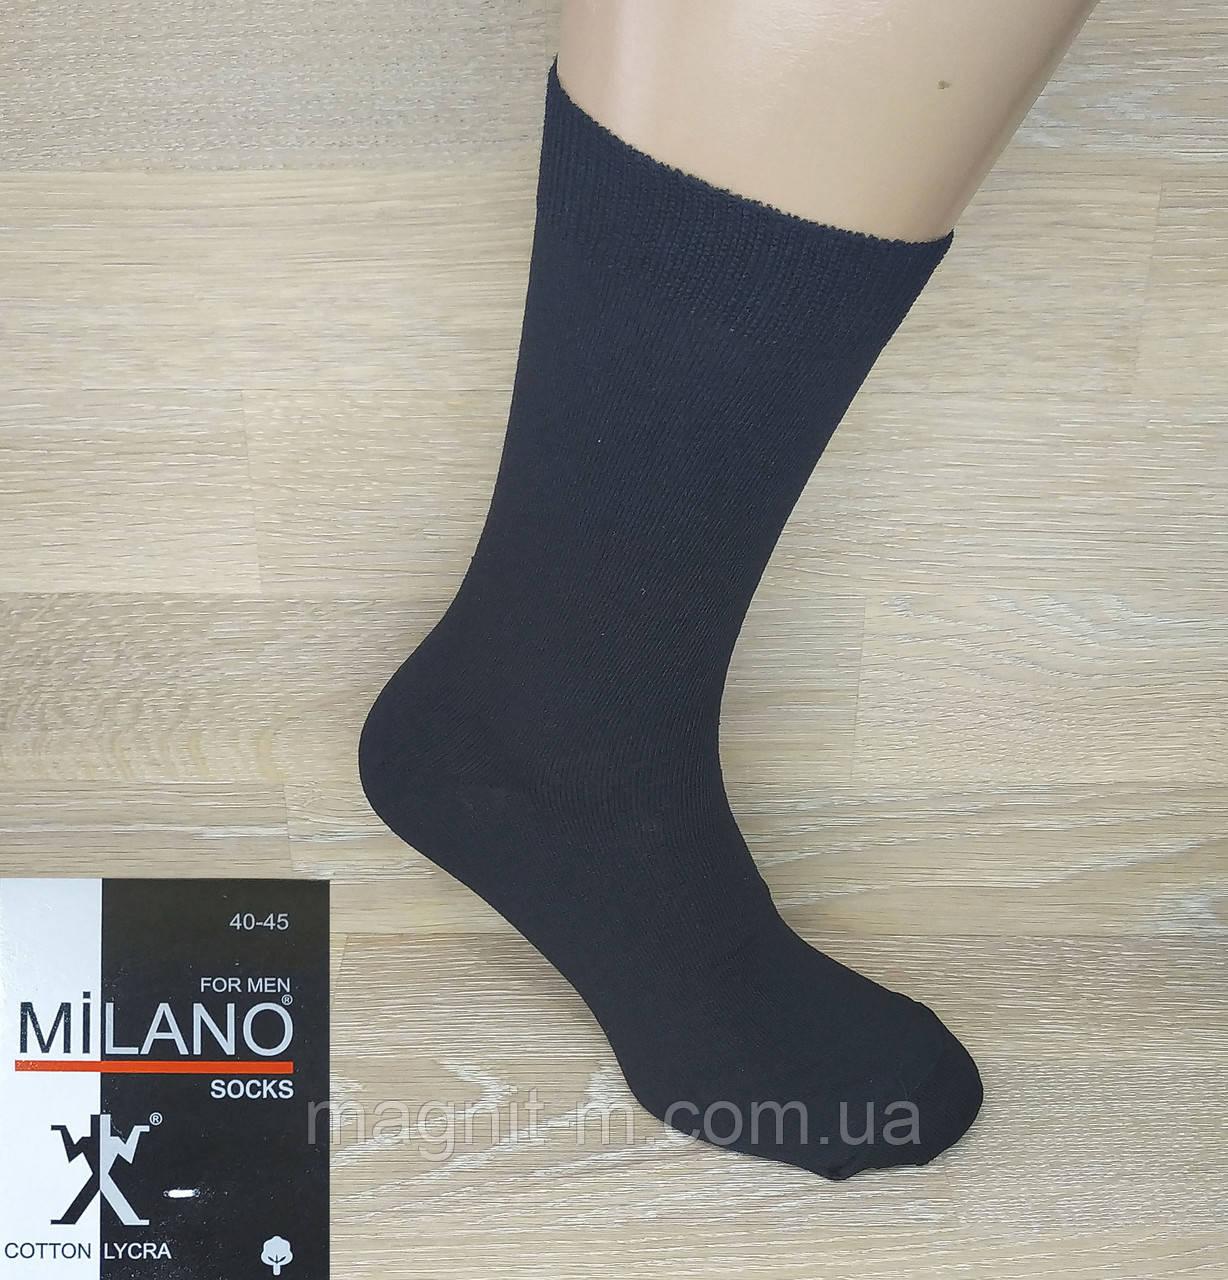 """Мужские классические носки """"Milano"""". Однотонные. Черный цвет."""